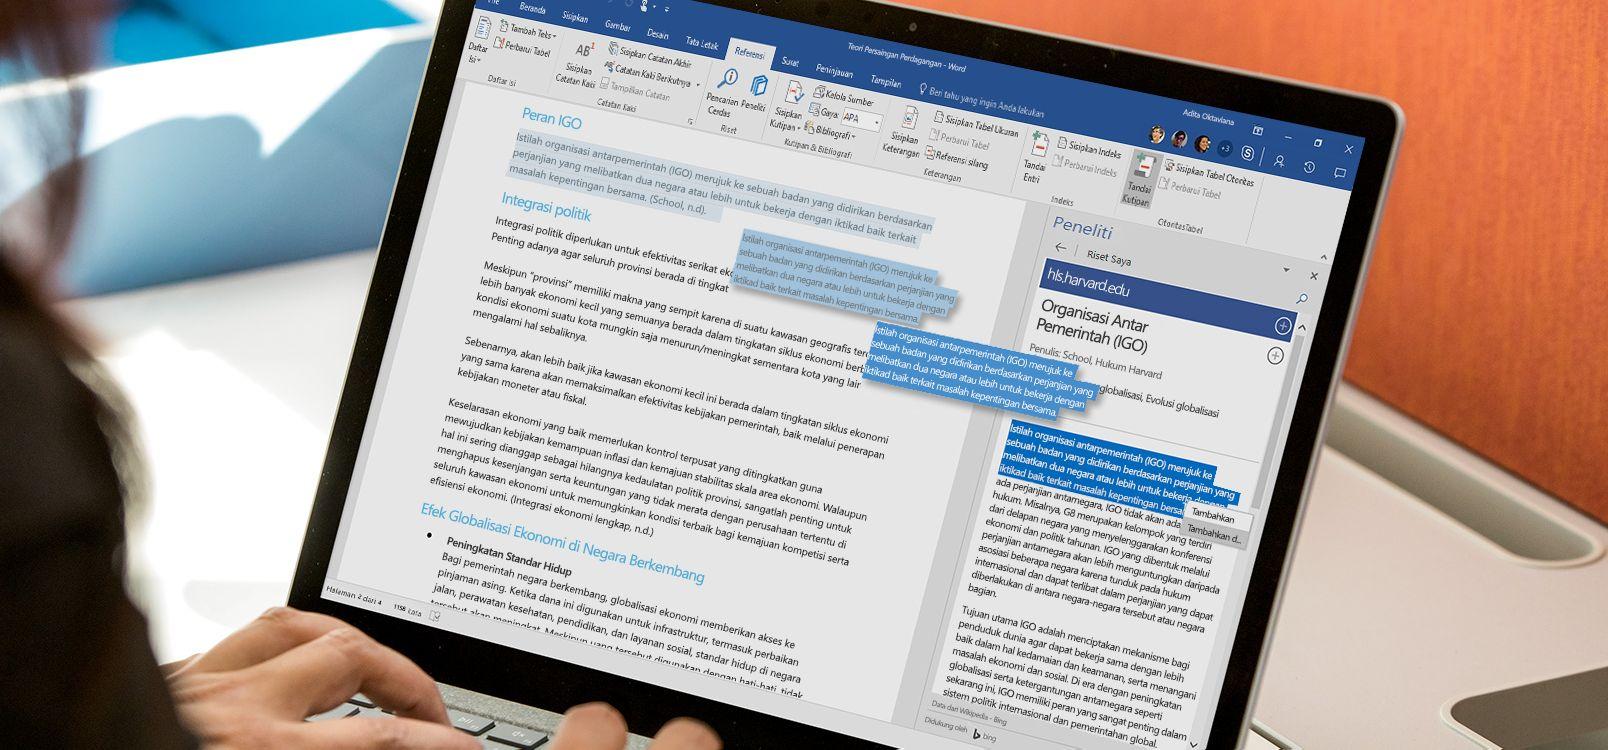 Layar laptop menampilkan dokumen Word menggunakan fitur Peneliti